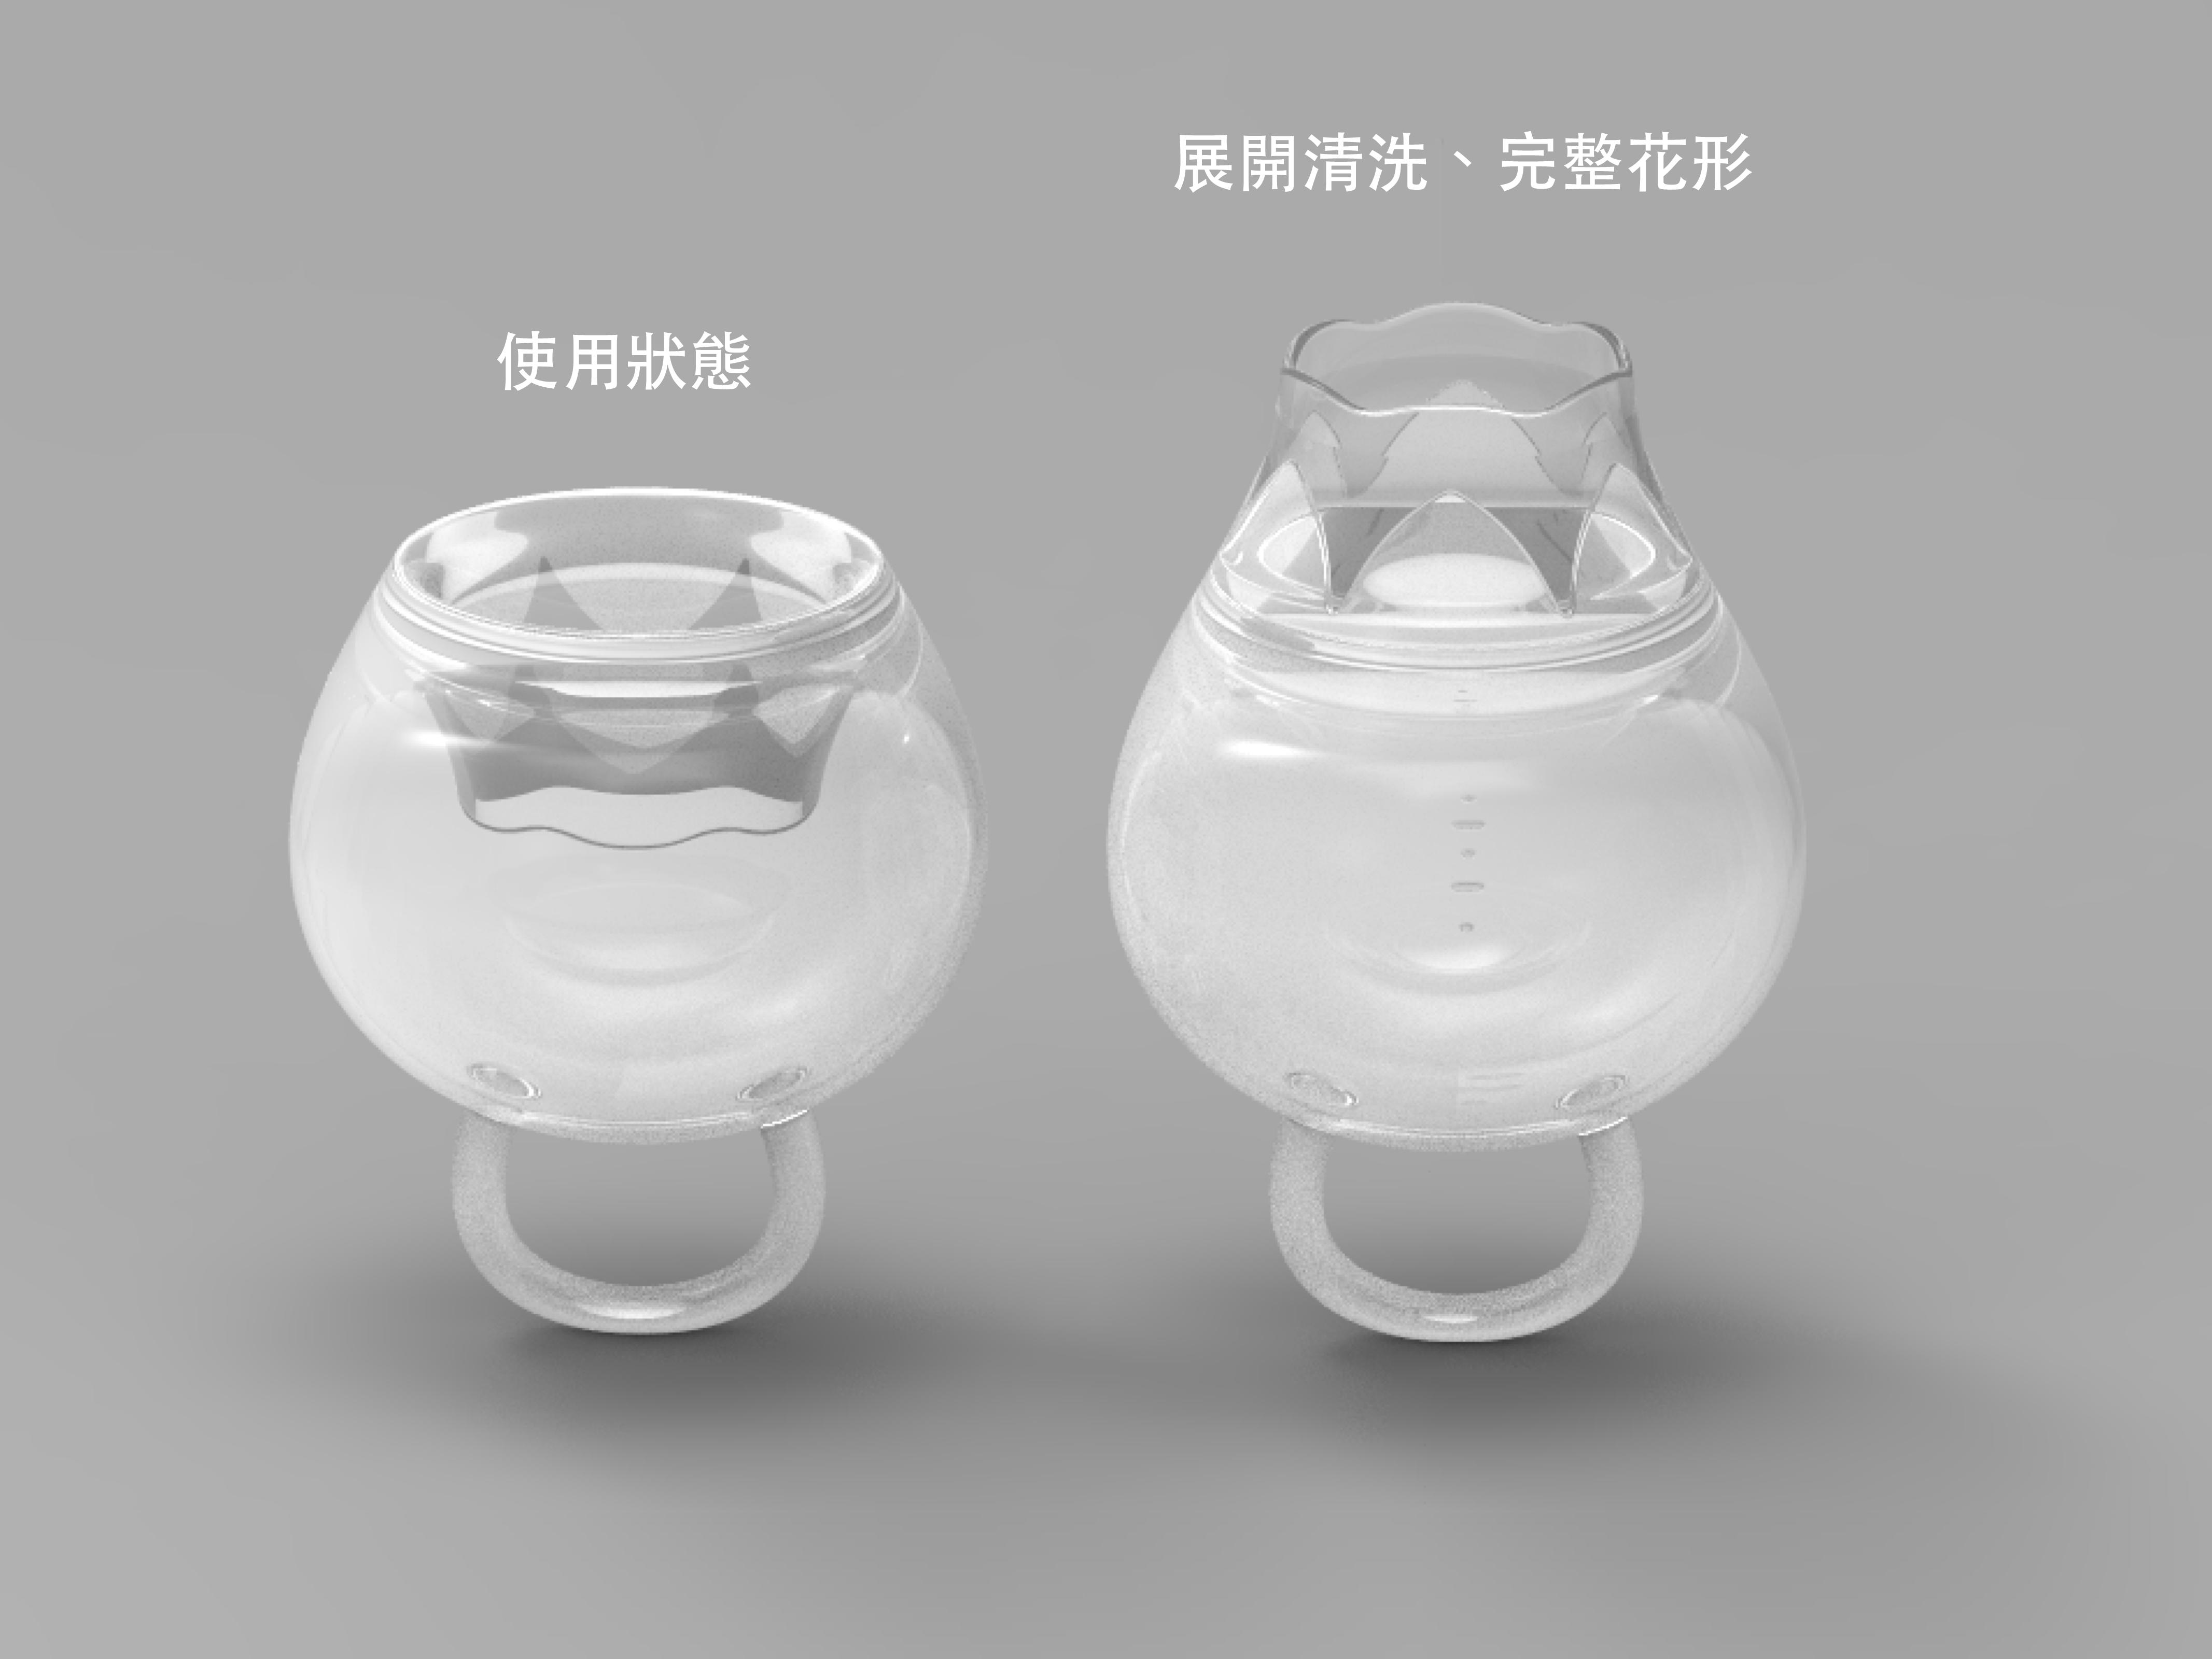 杯型設計初稿(專利原型來自技術合作之美國品牌FemmyCycle)